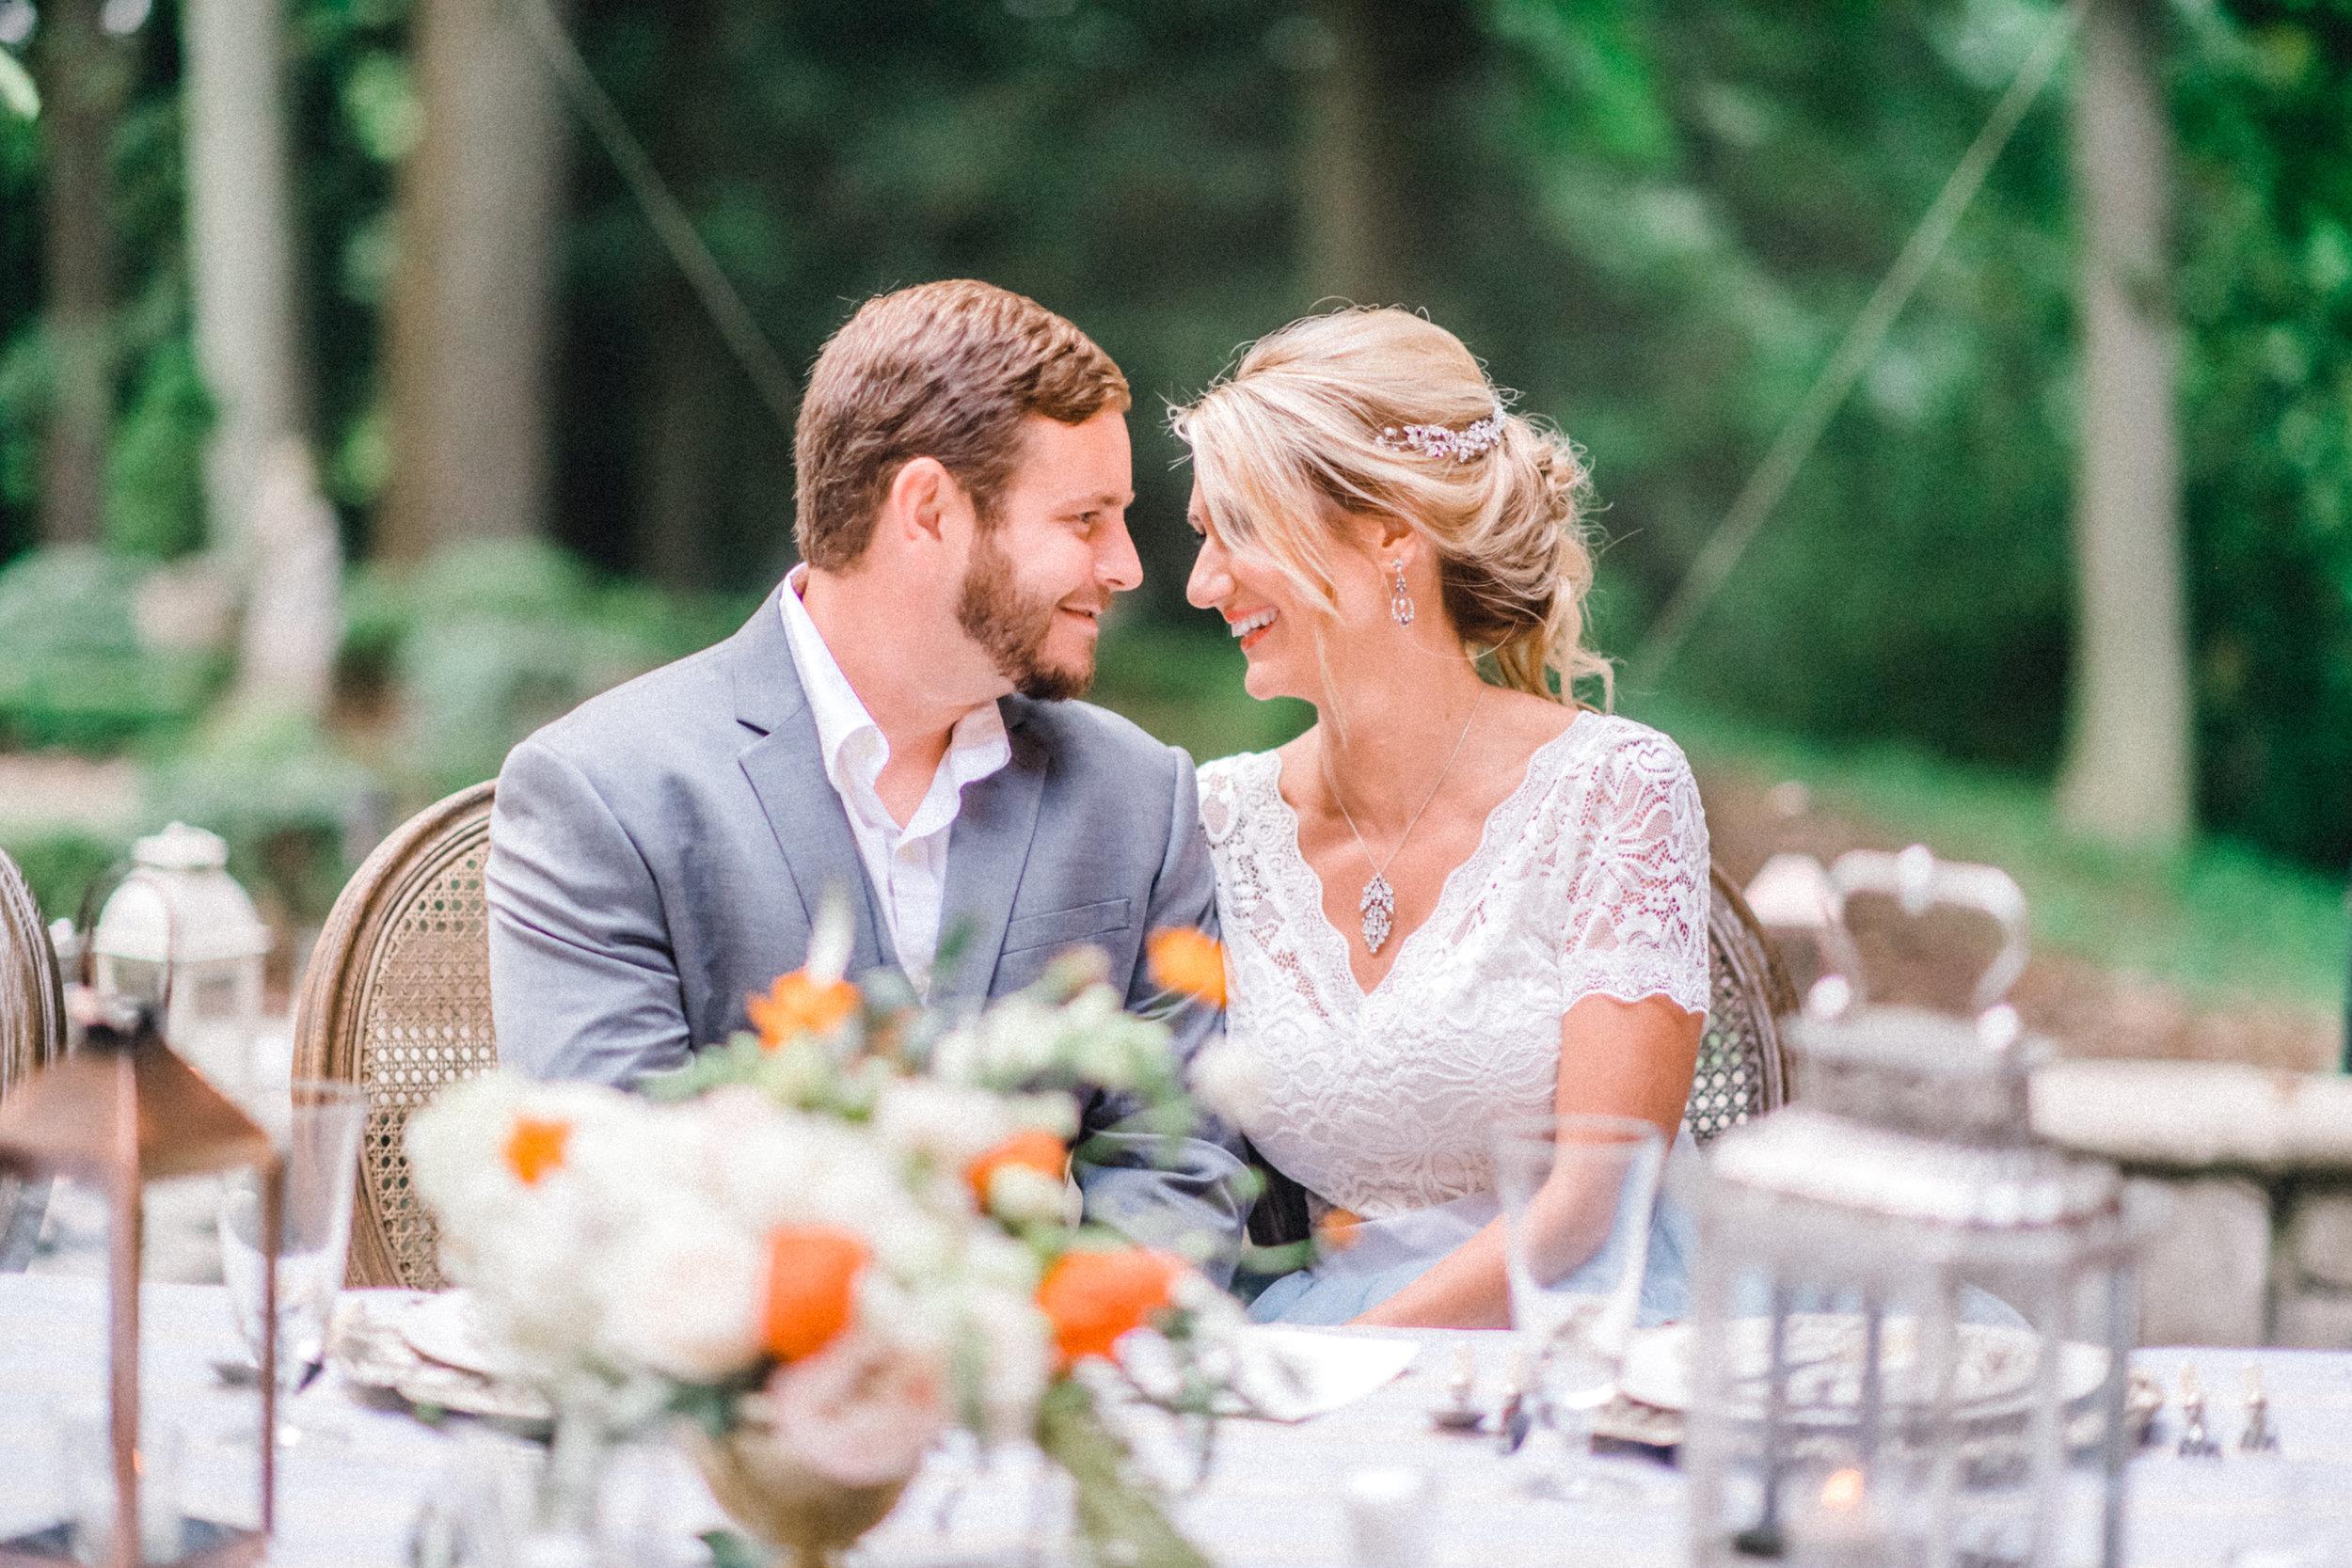 Jessica-Garda-Events-Pittsburgh-Wedding-Planner-Mansion-Butler-Blue-Grey-Orange-Palette (61).jpg